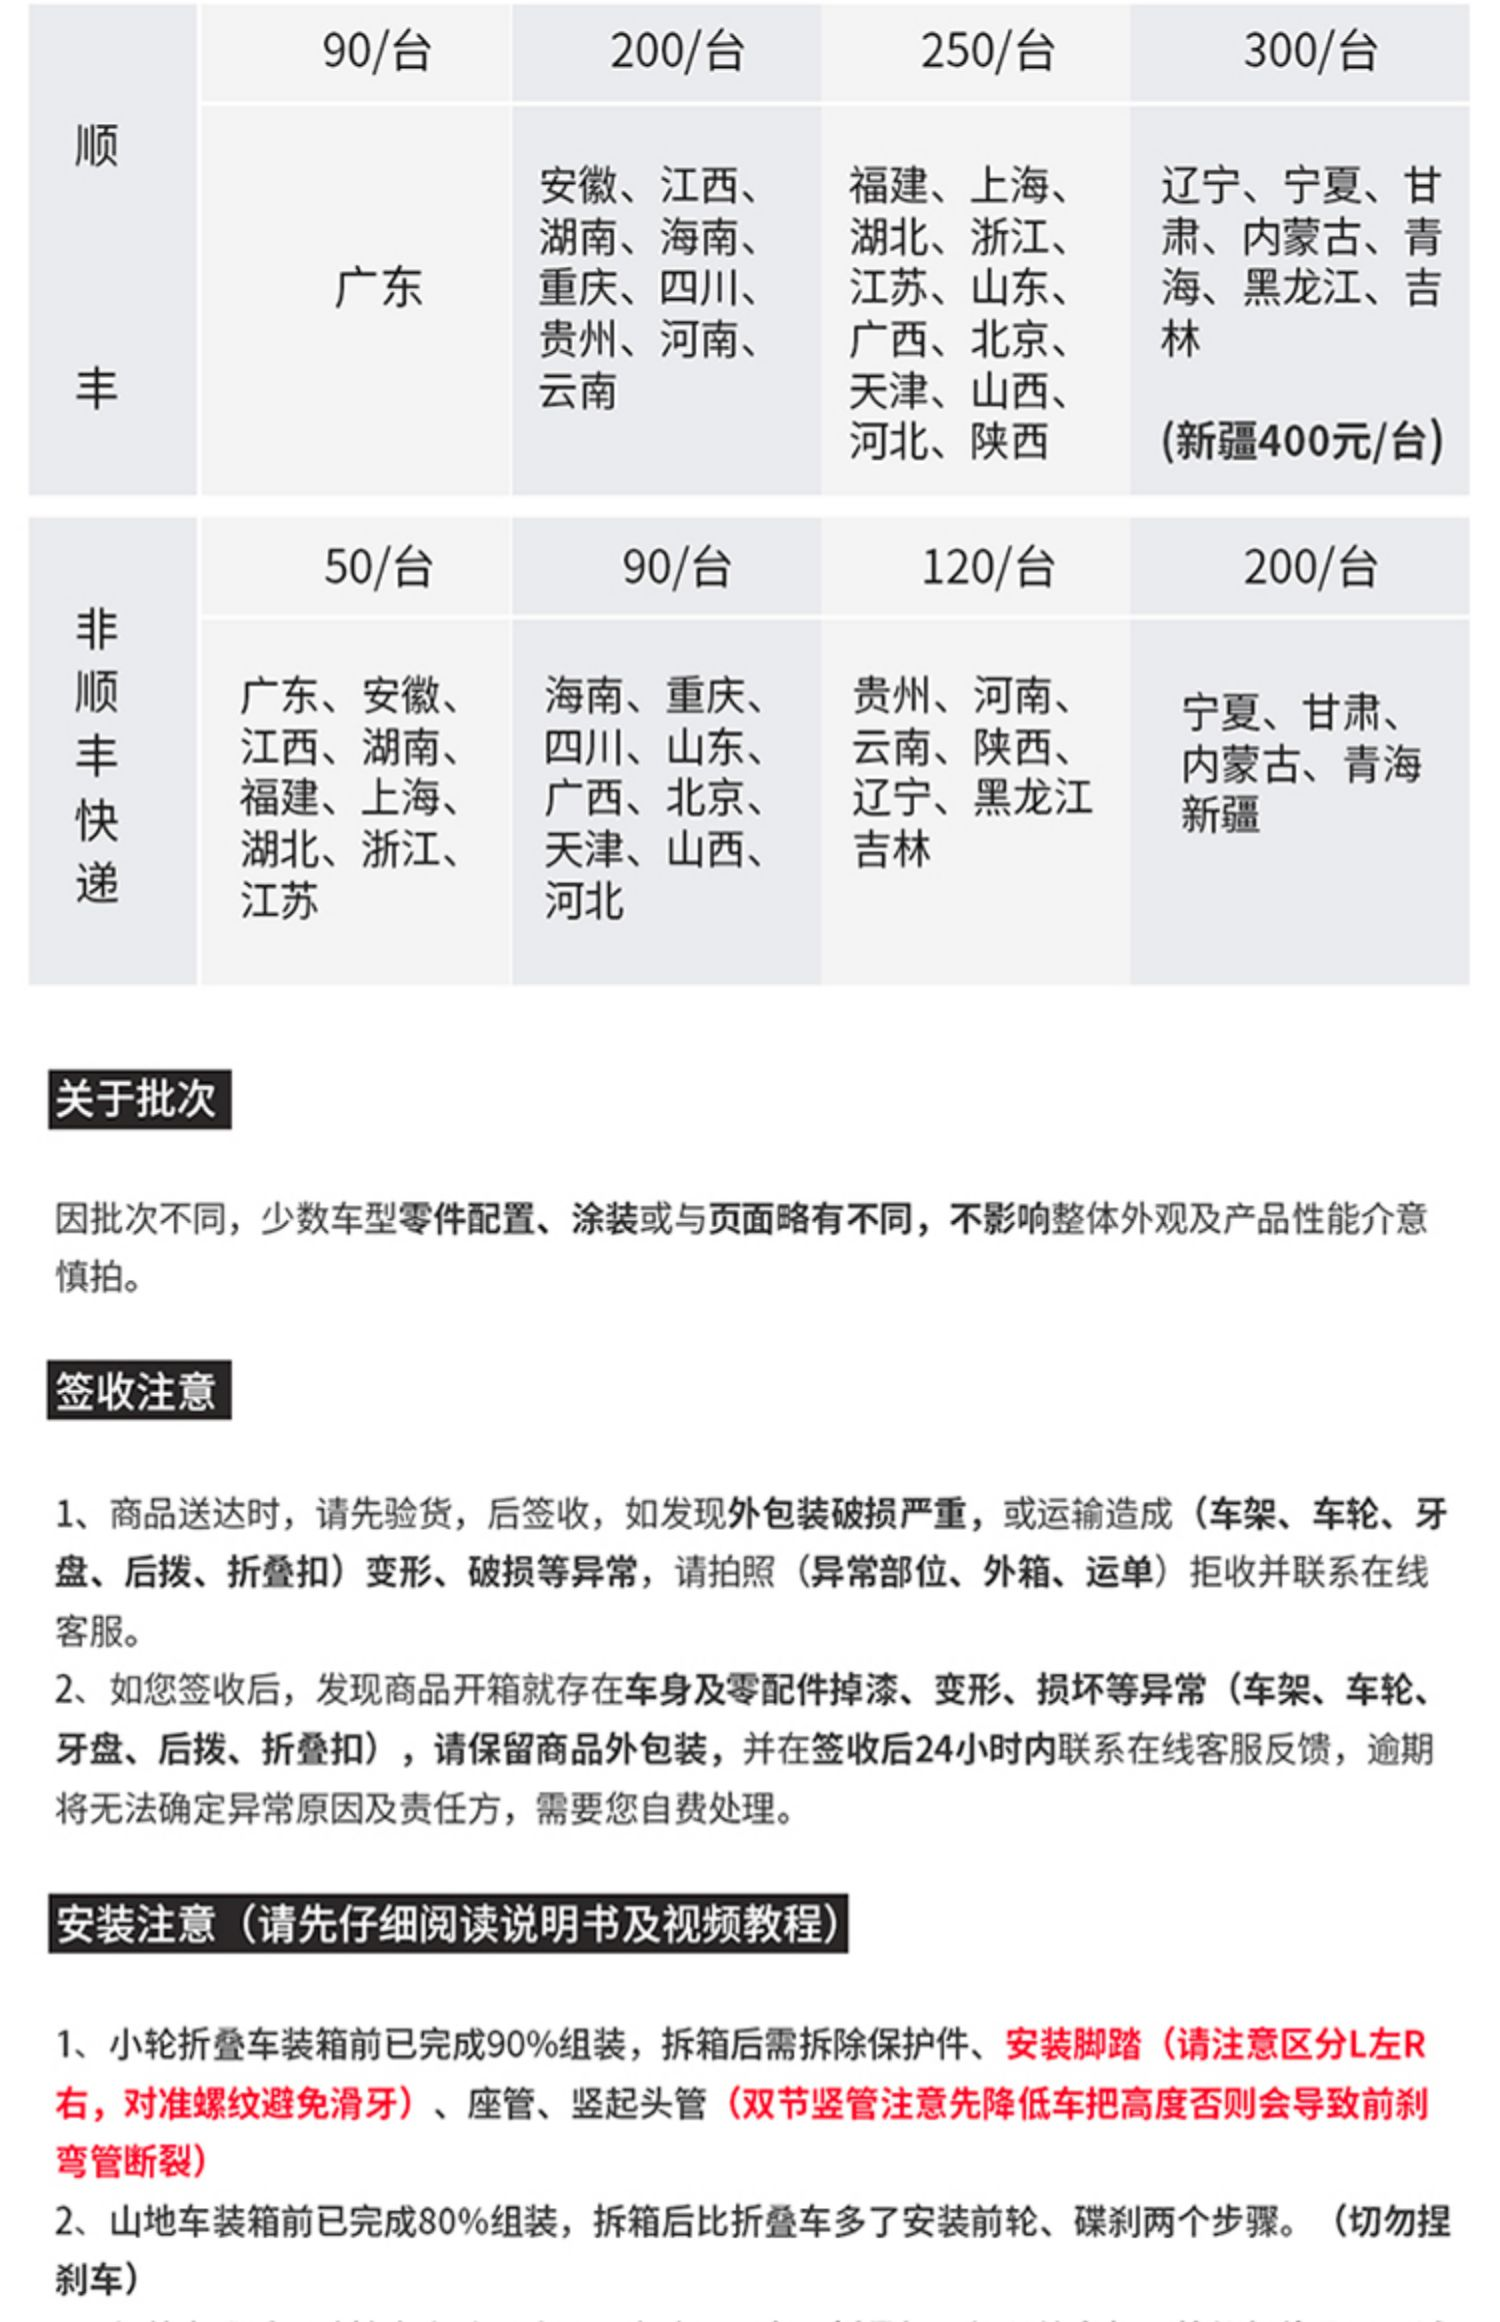 dahon大行D6经典20寸折叠自行车成人男女式变速折叠单车KBC061商品详情图